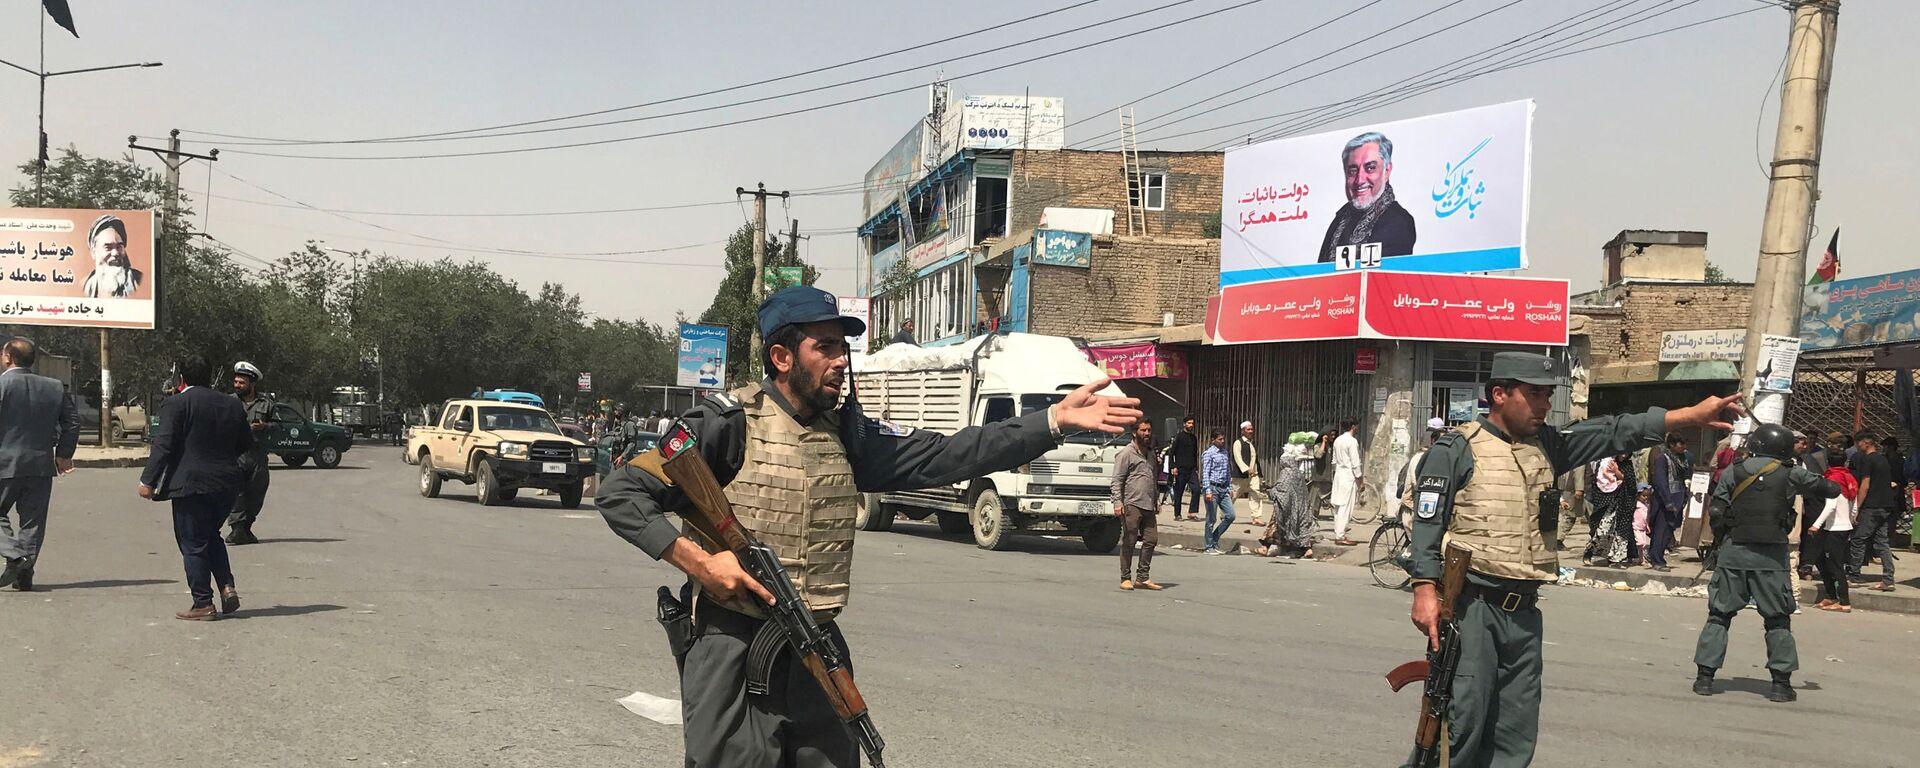 Полицейские возле места взрыва в Кабуле, Афганистан. 7 августа 2019 года - Sputnik Таджикистан, 1920, 13.04.2021